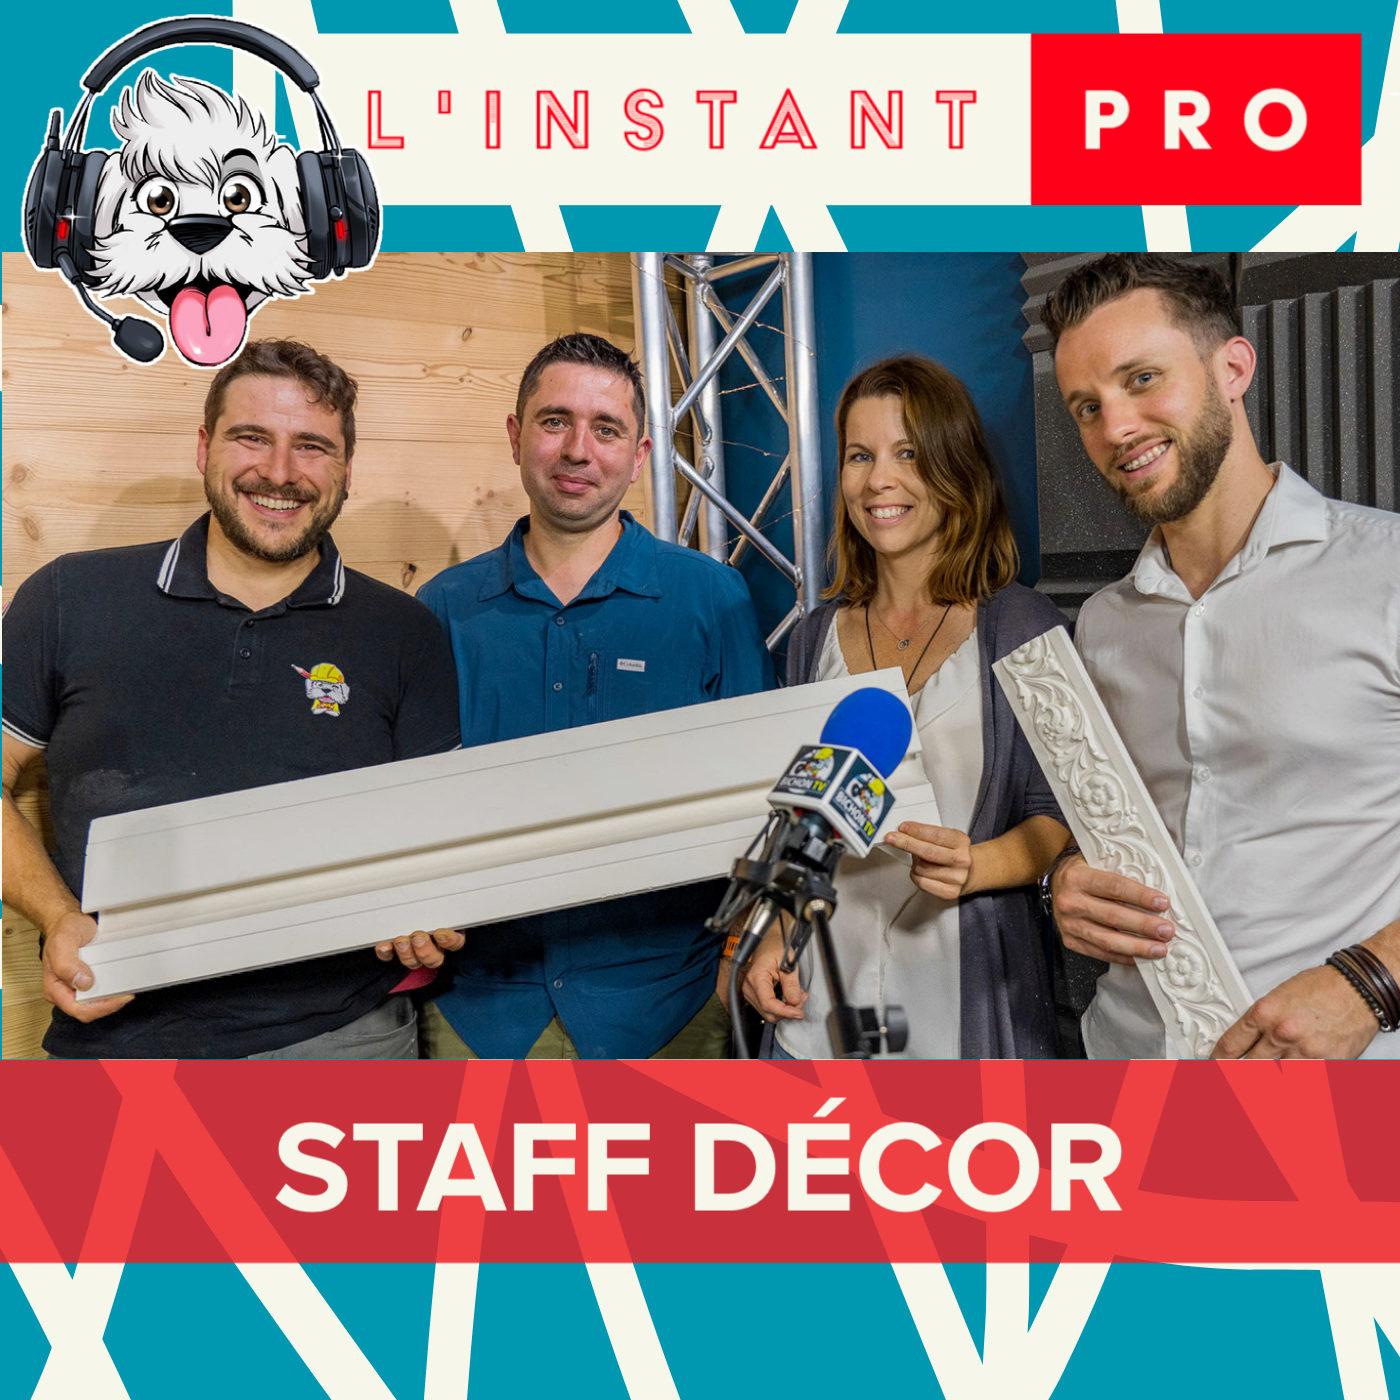 Le STAFF et la décoration mural reviens en force avec STAFF DECOR - L'instant PRO de BichonTV